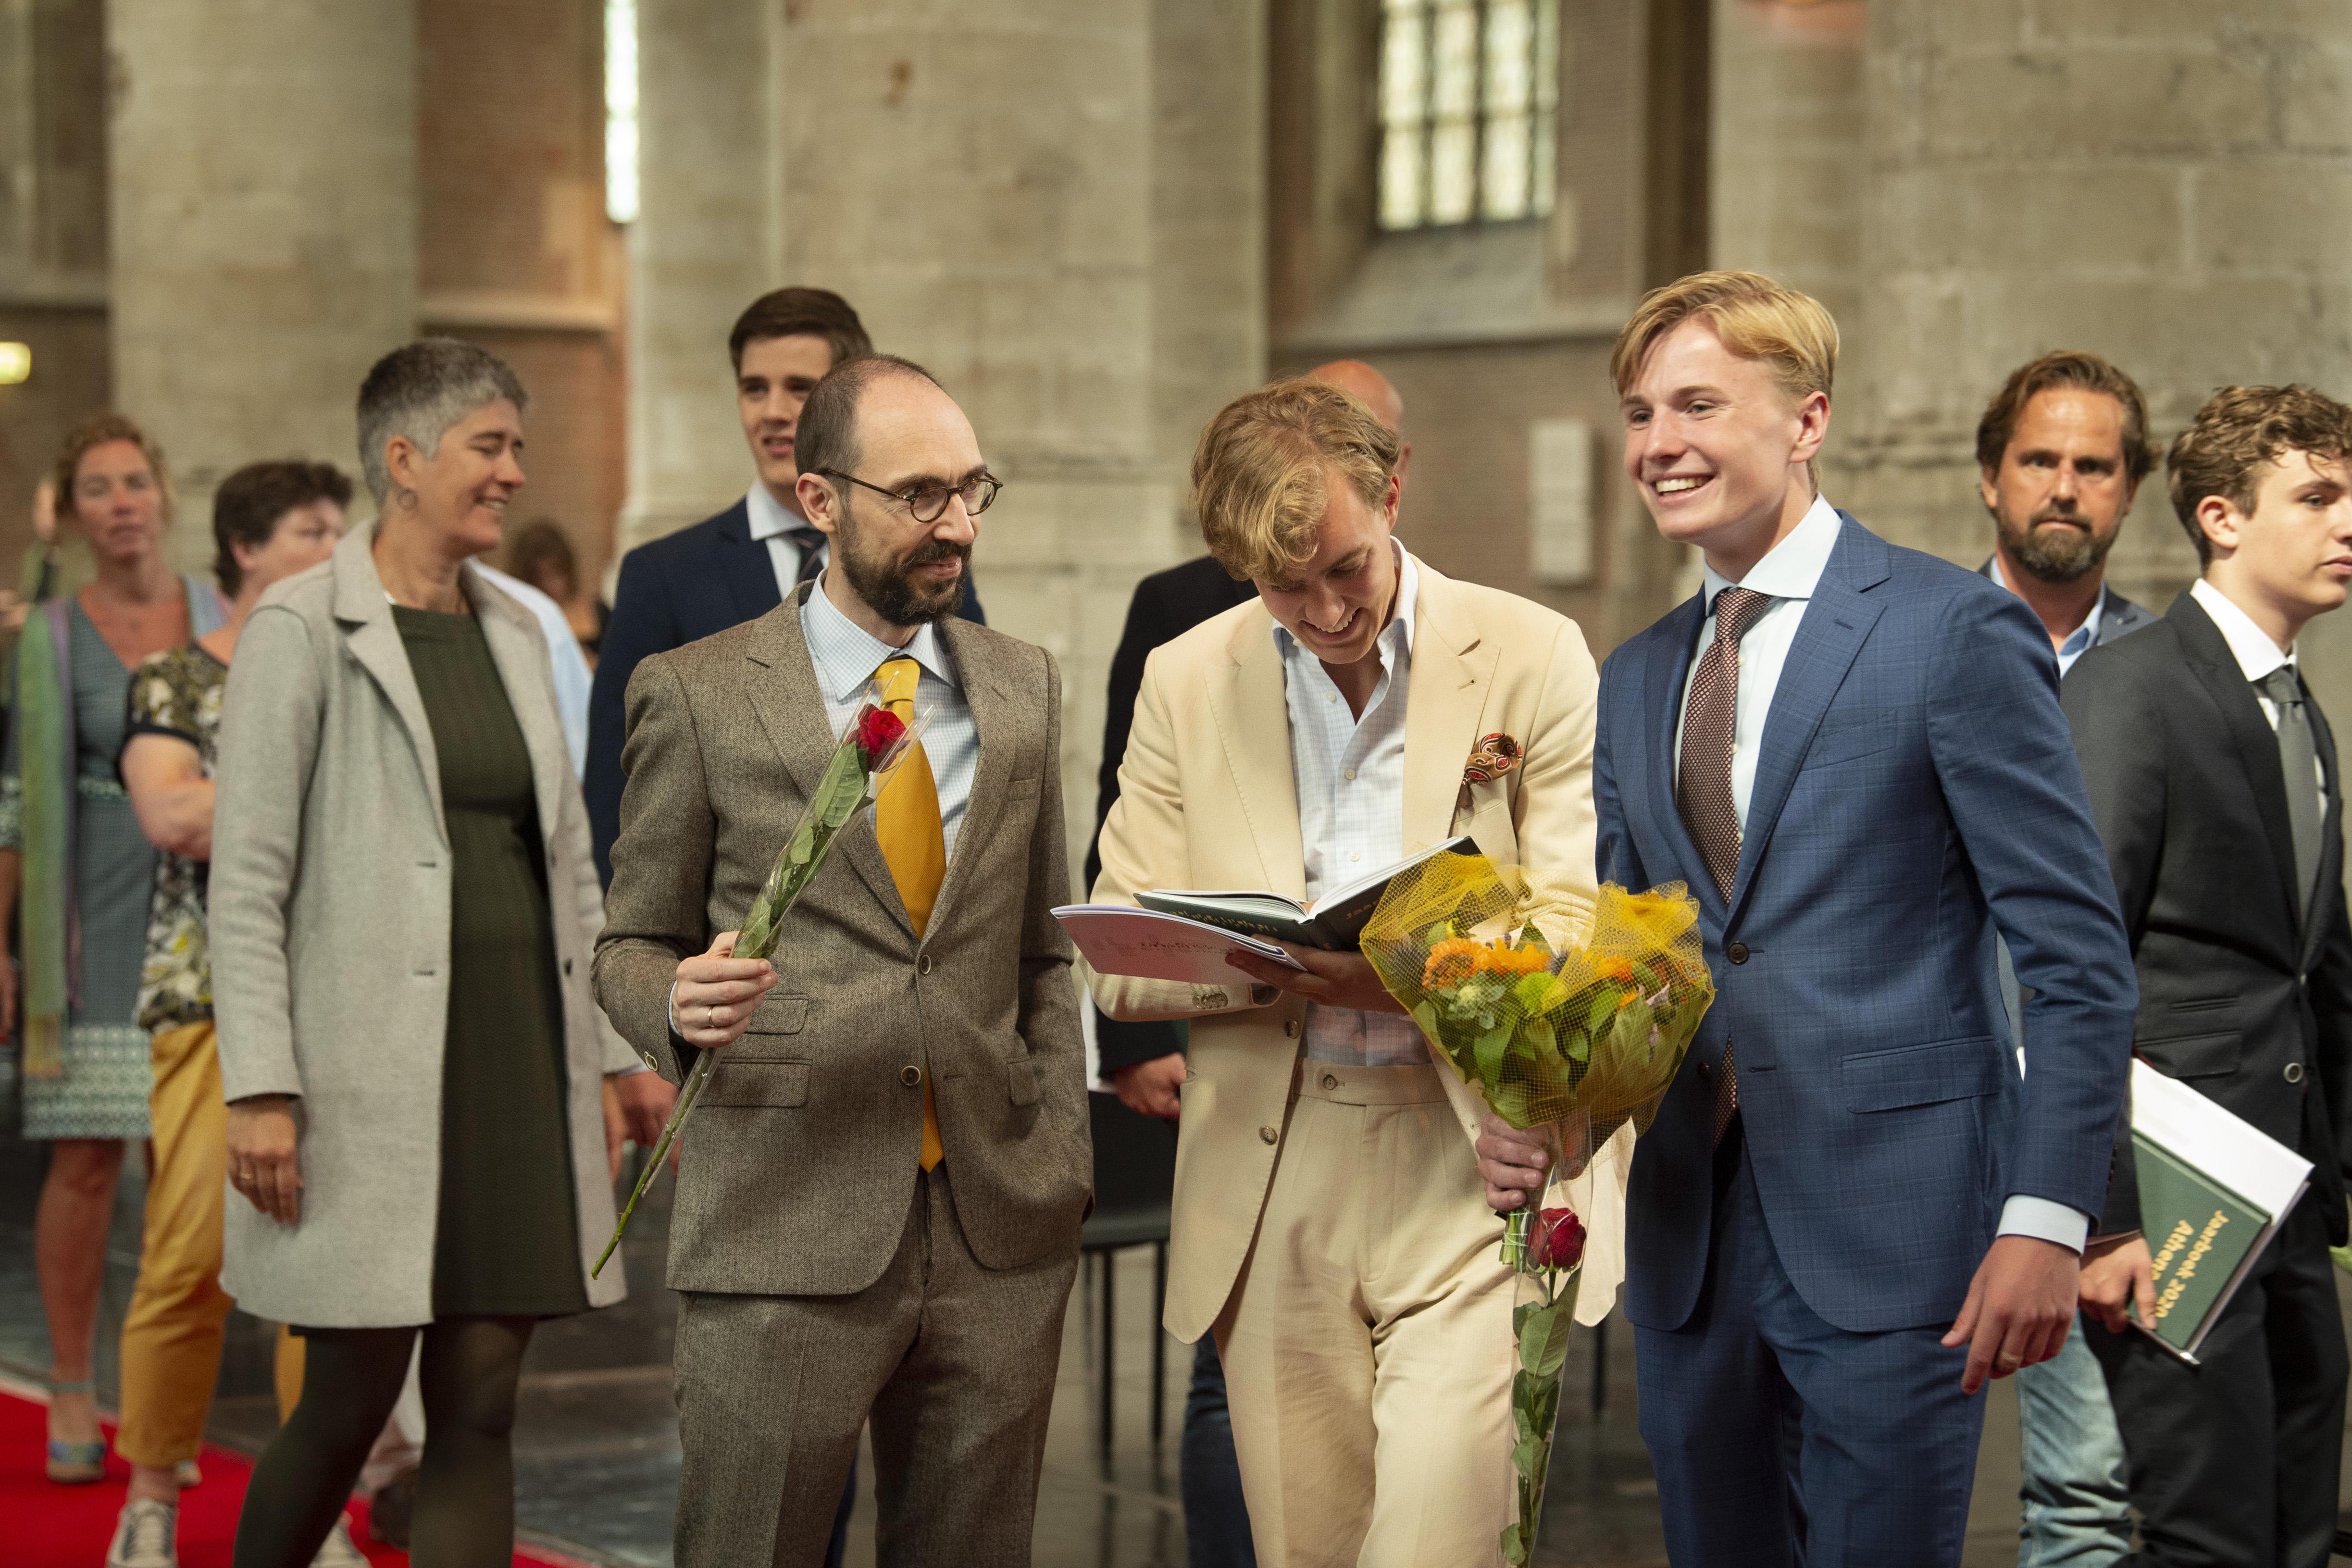 Twee dagen vol feestelijkheden in de Pieterskerk: eindexamenleerlingen Stedelijk Gymnasium Leiden ontvangen hun diploma's